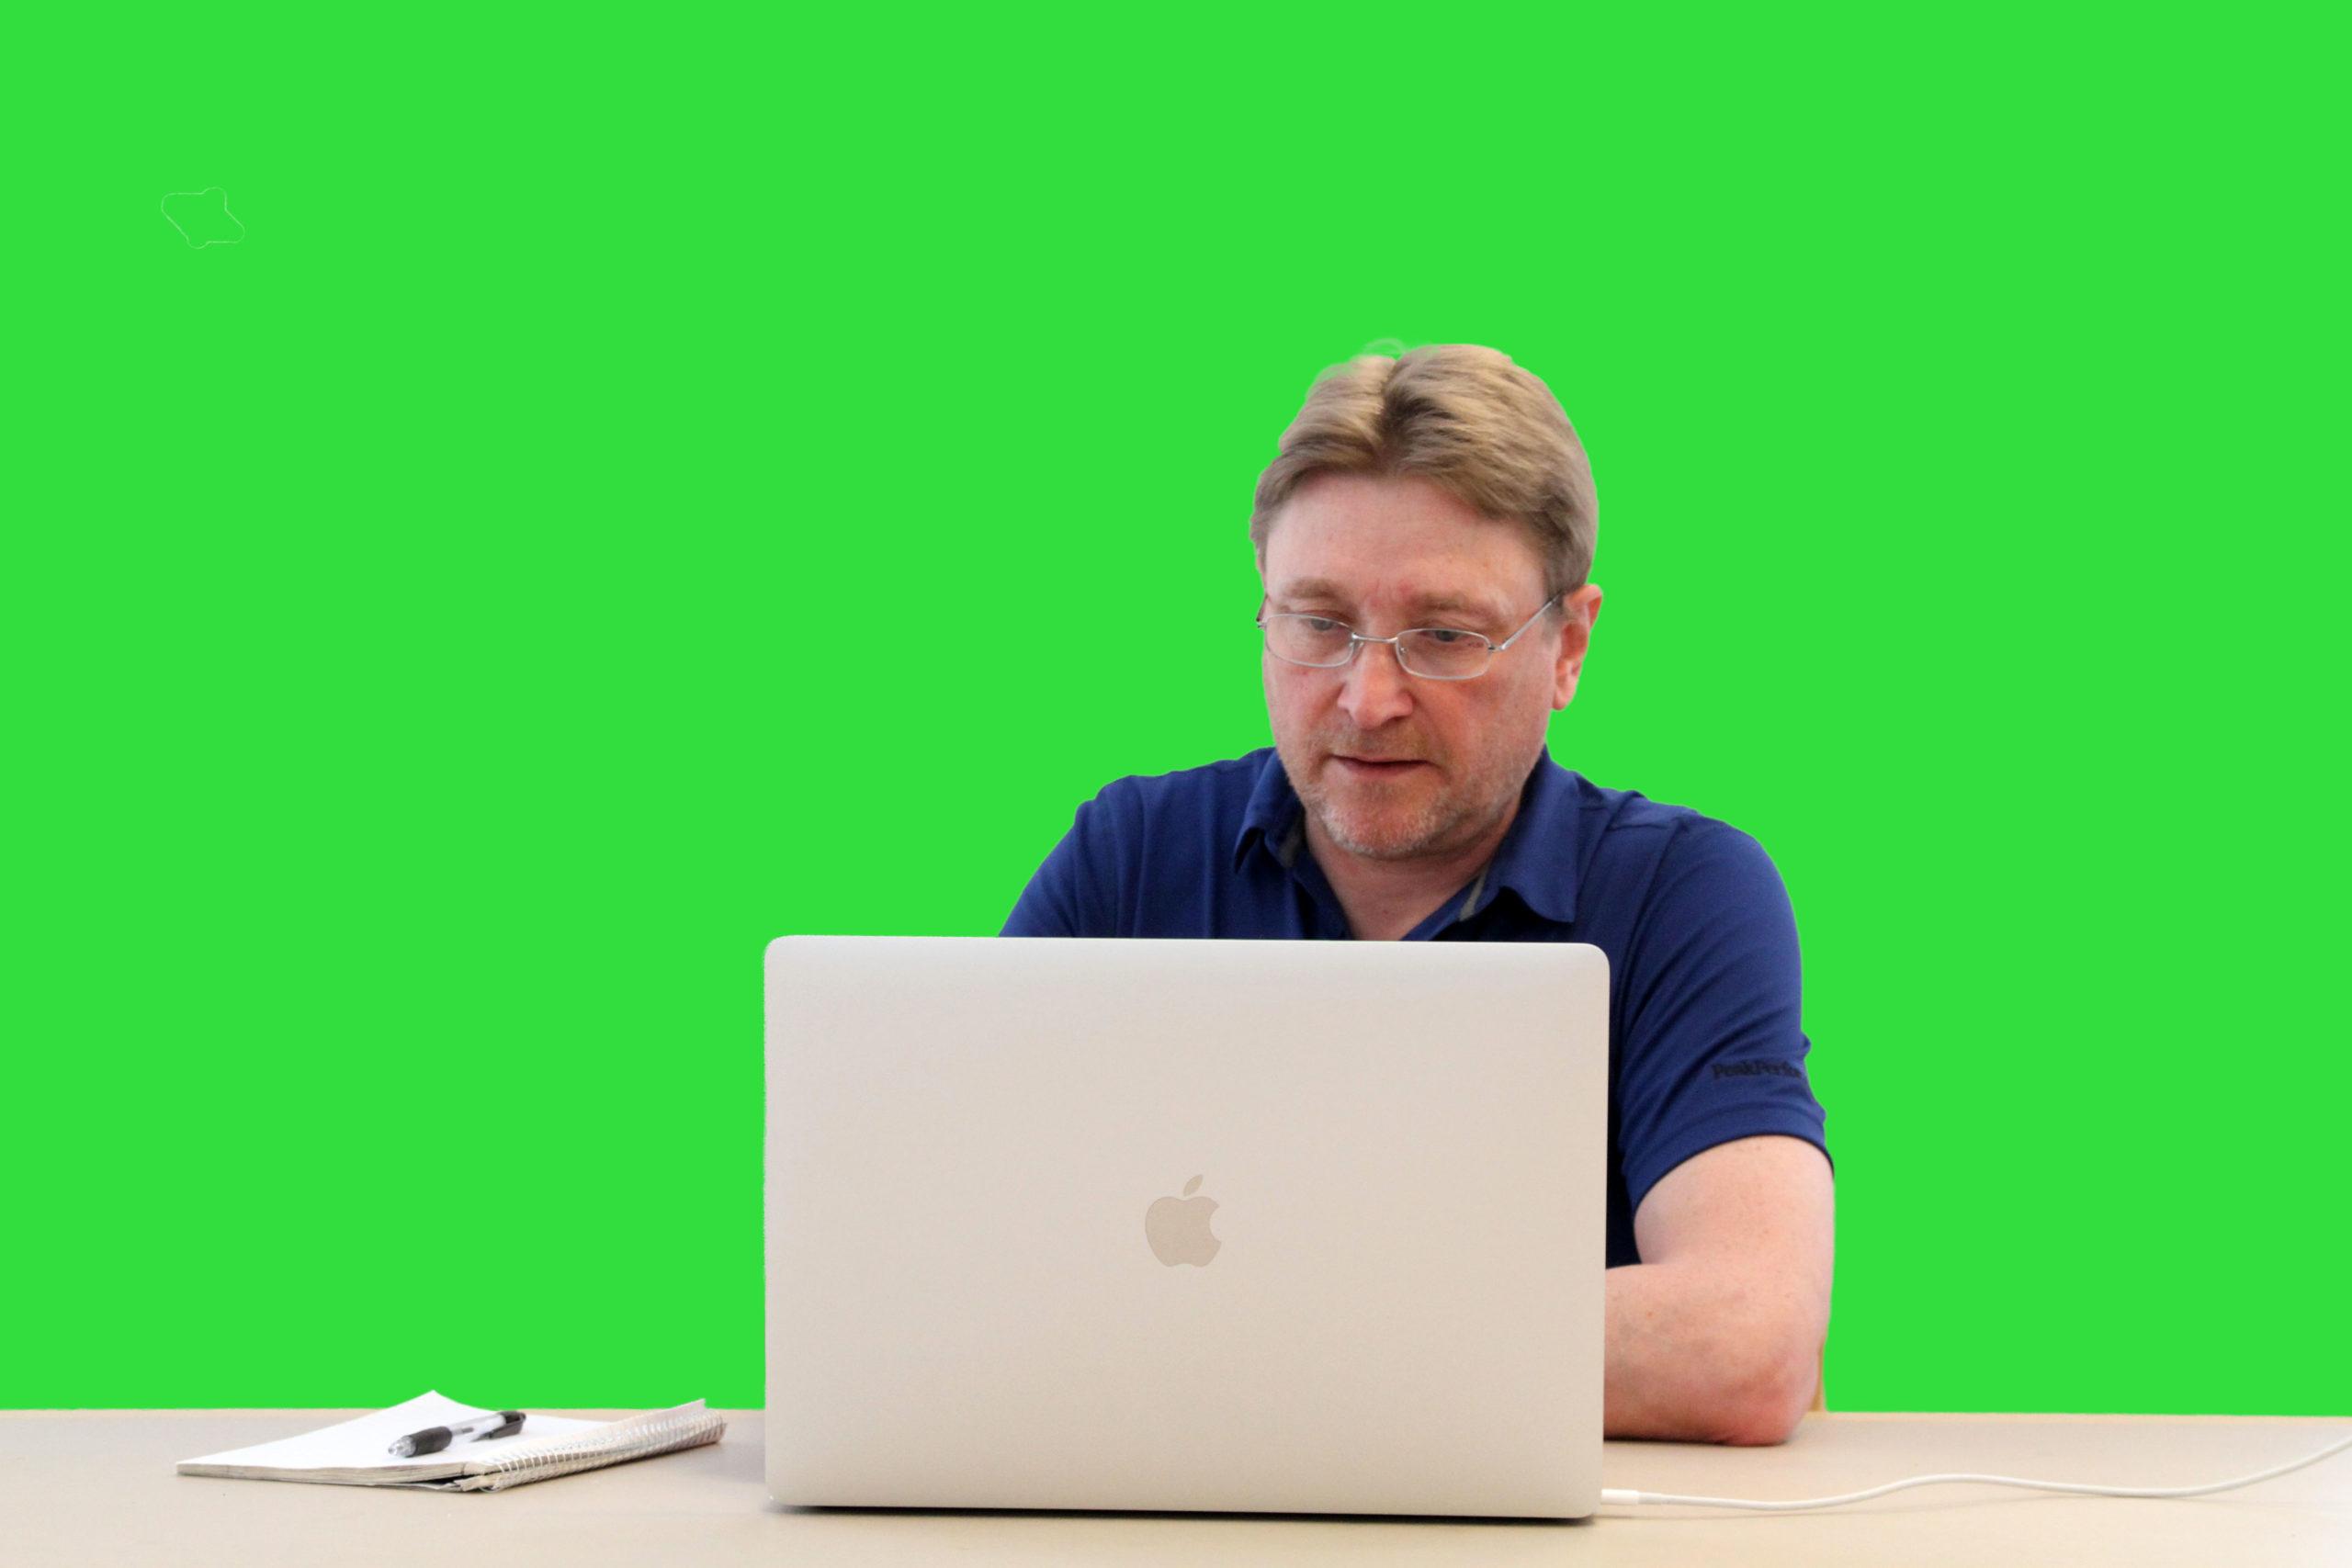 Greenscreen exempel